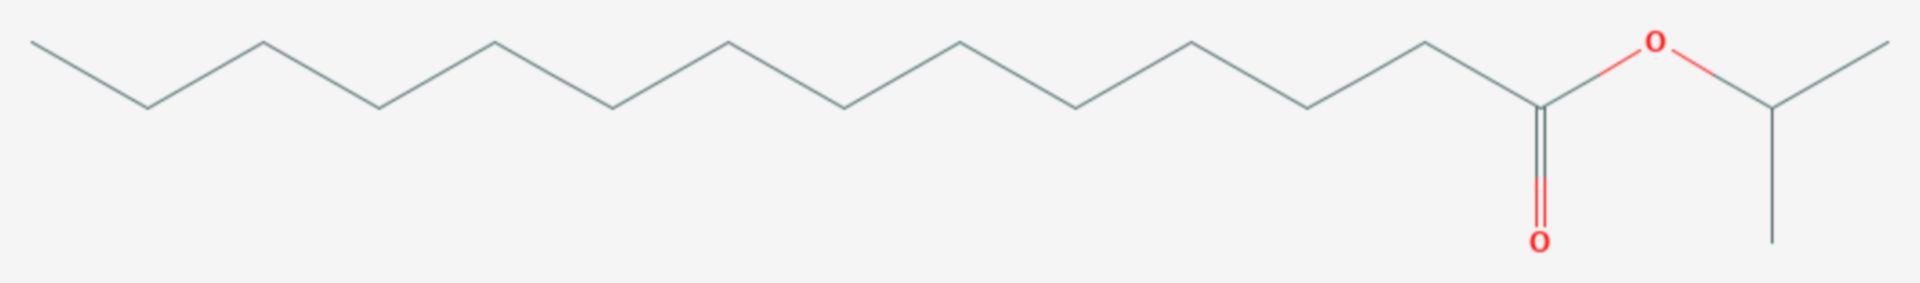 Myristinsäureisopropylester (Strukturformel)